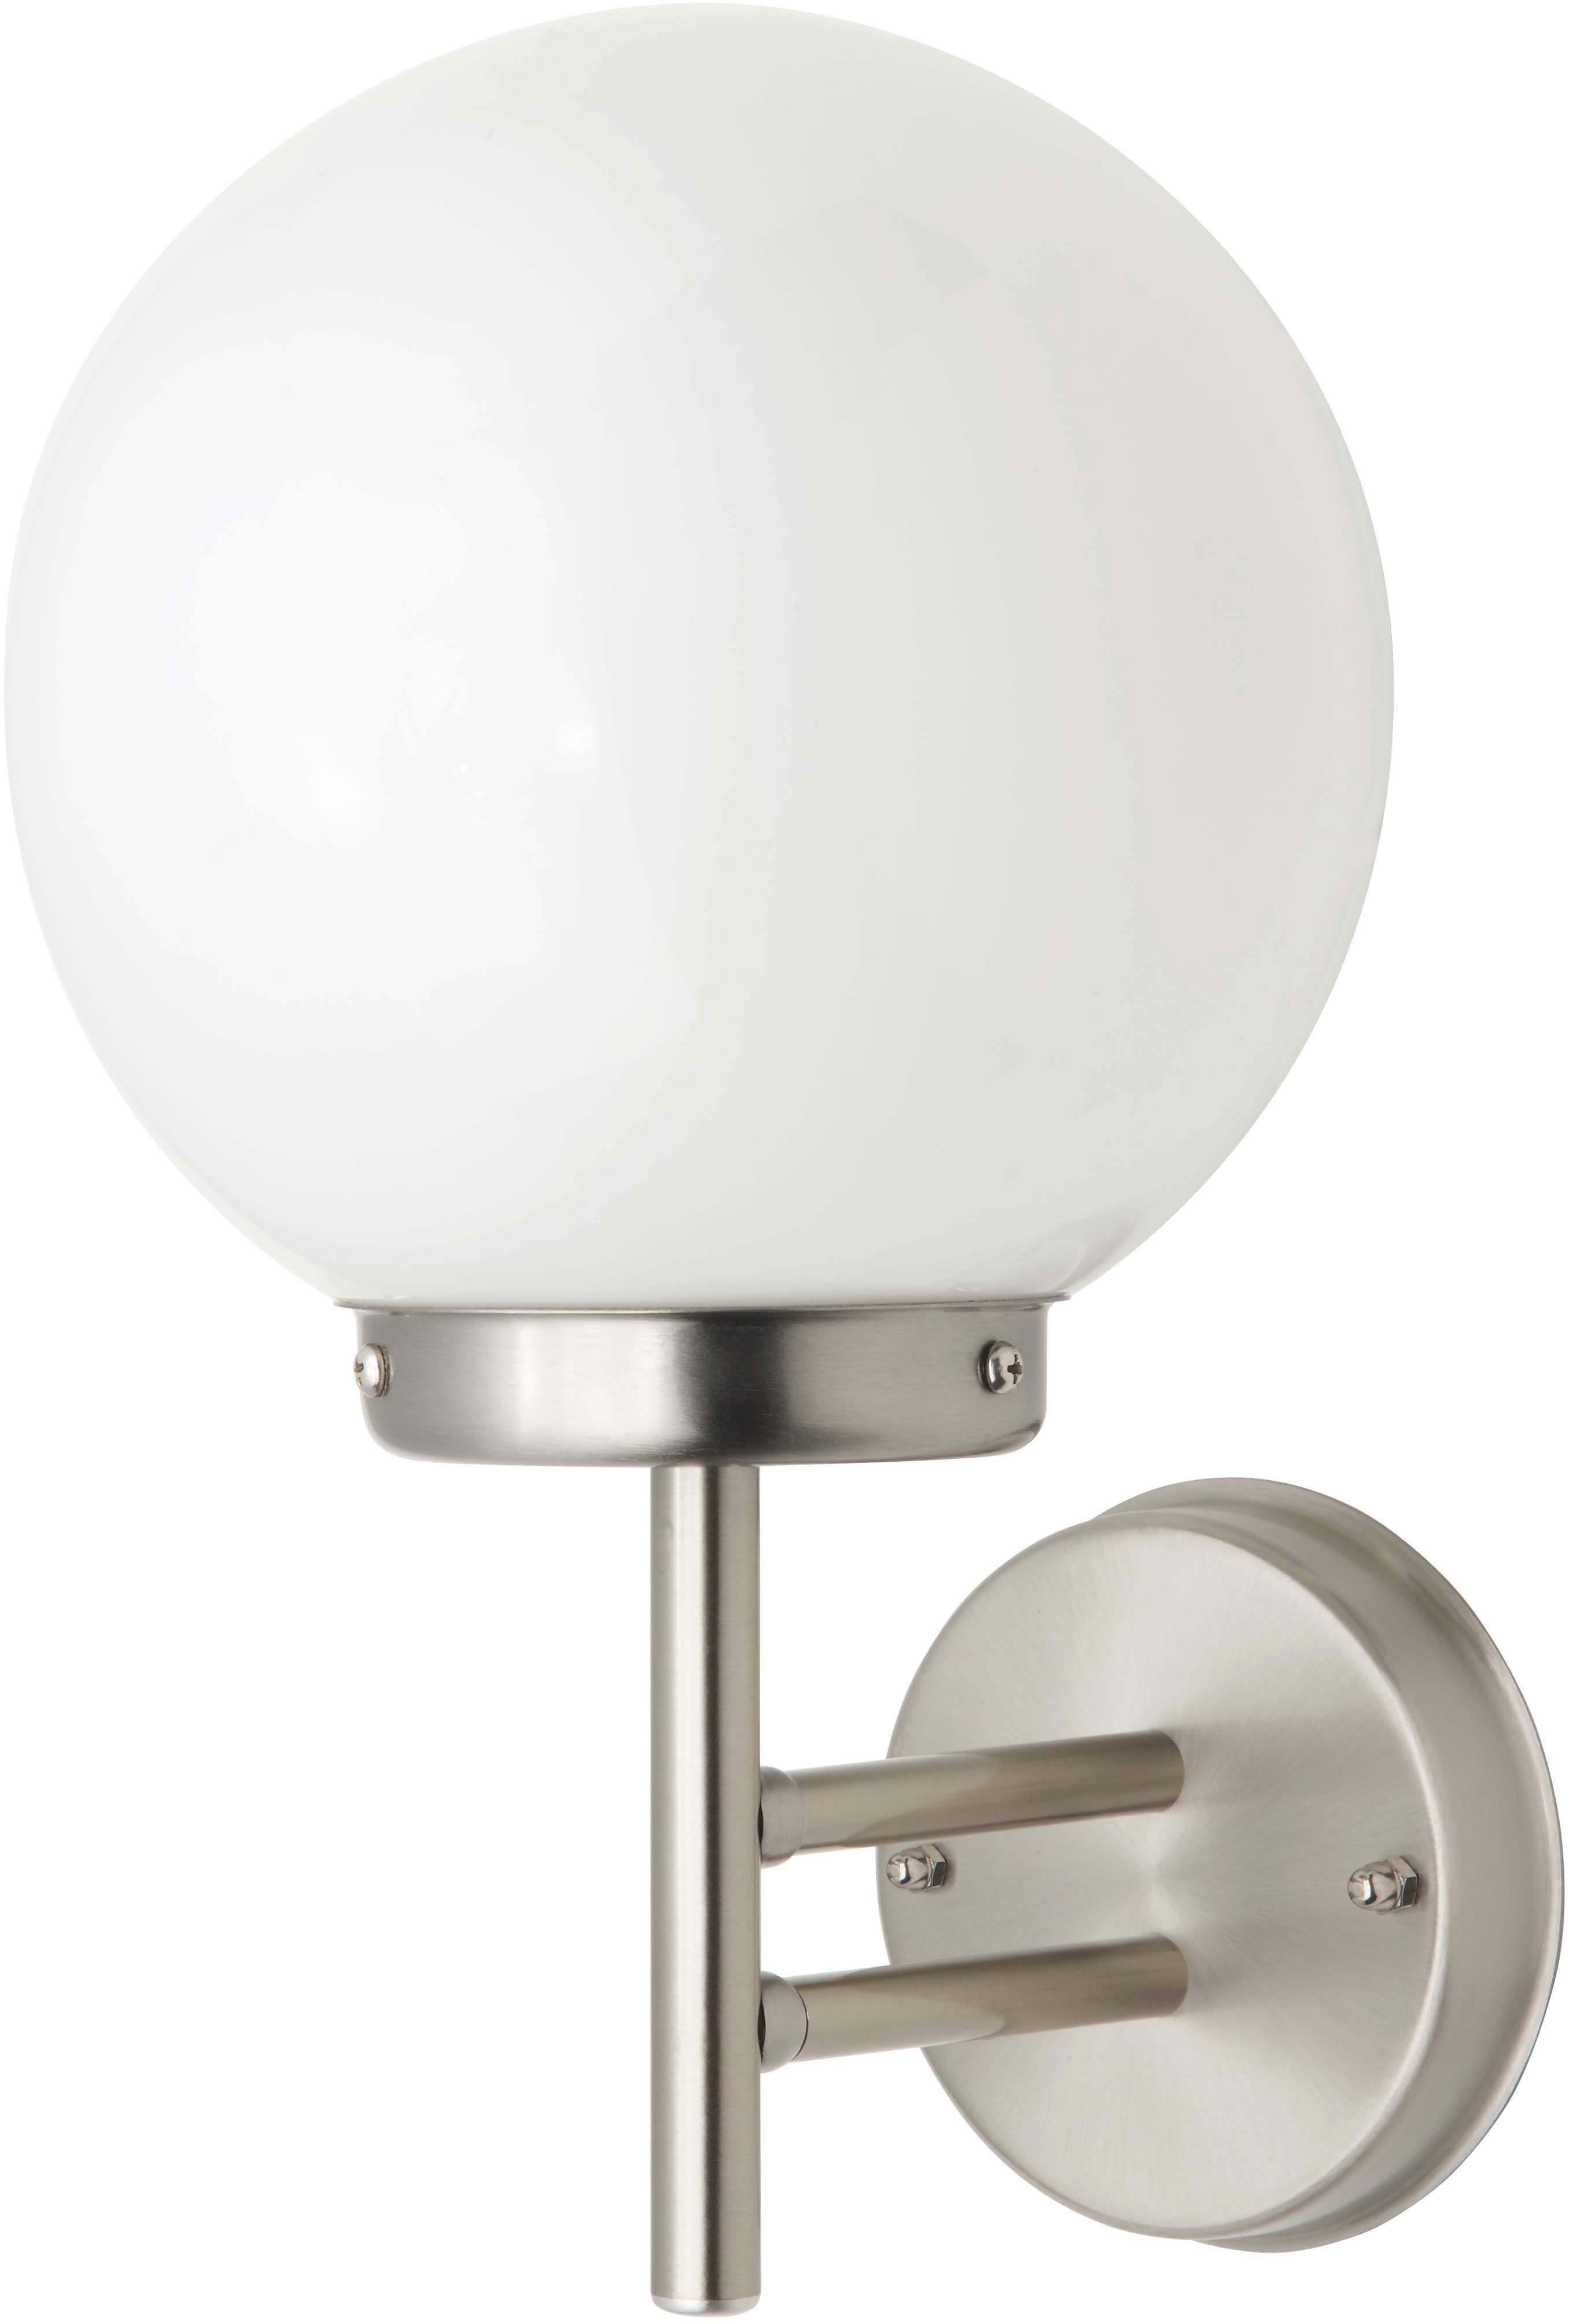 Brilliant LED Außenleuchte, 1 flg., Wandleuchte, »AALBORG«